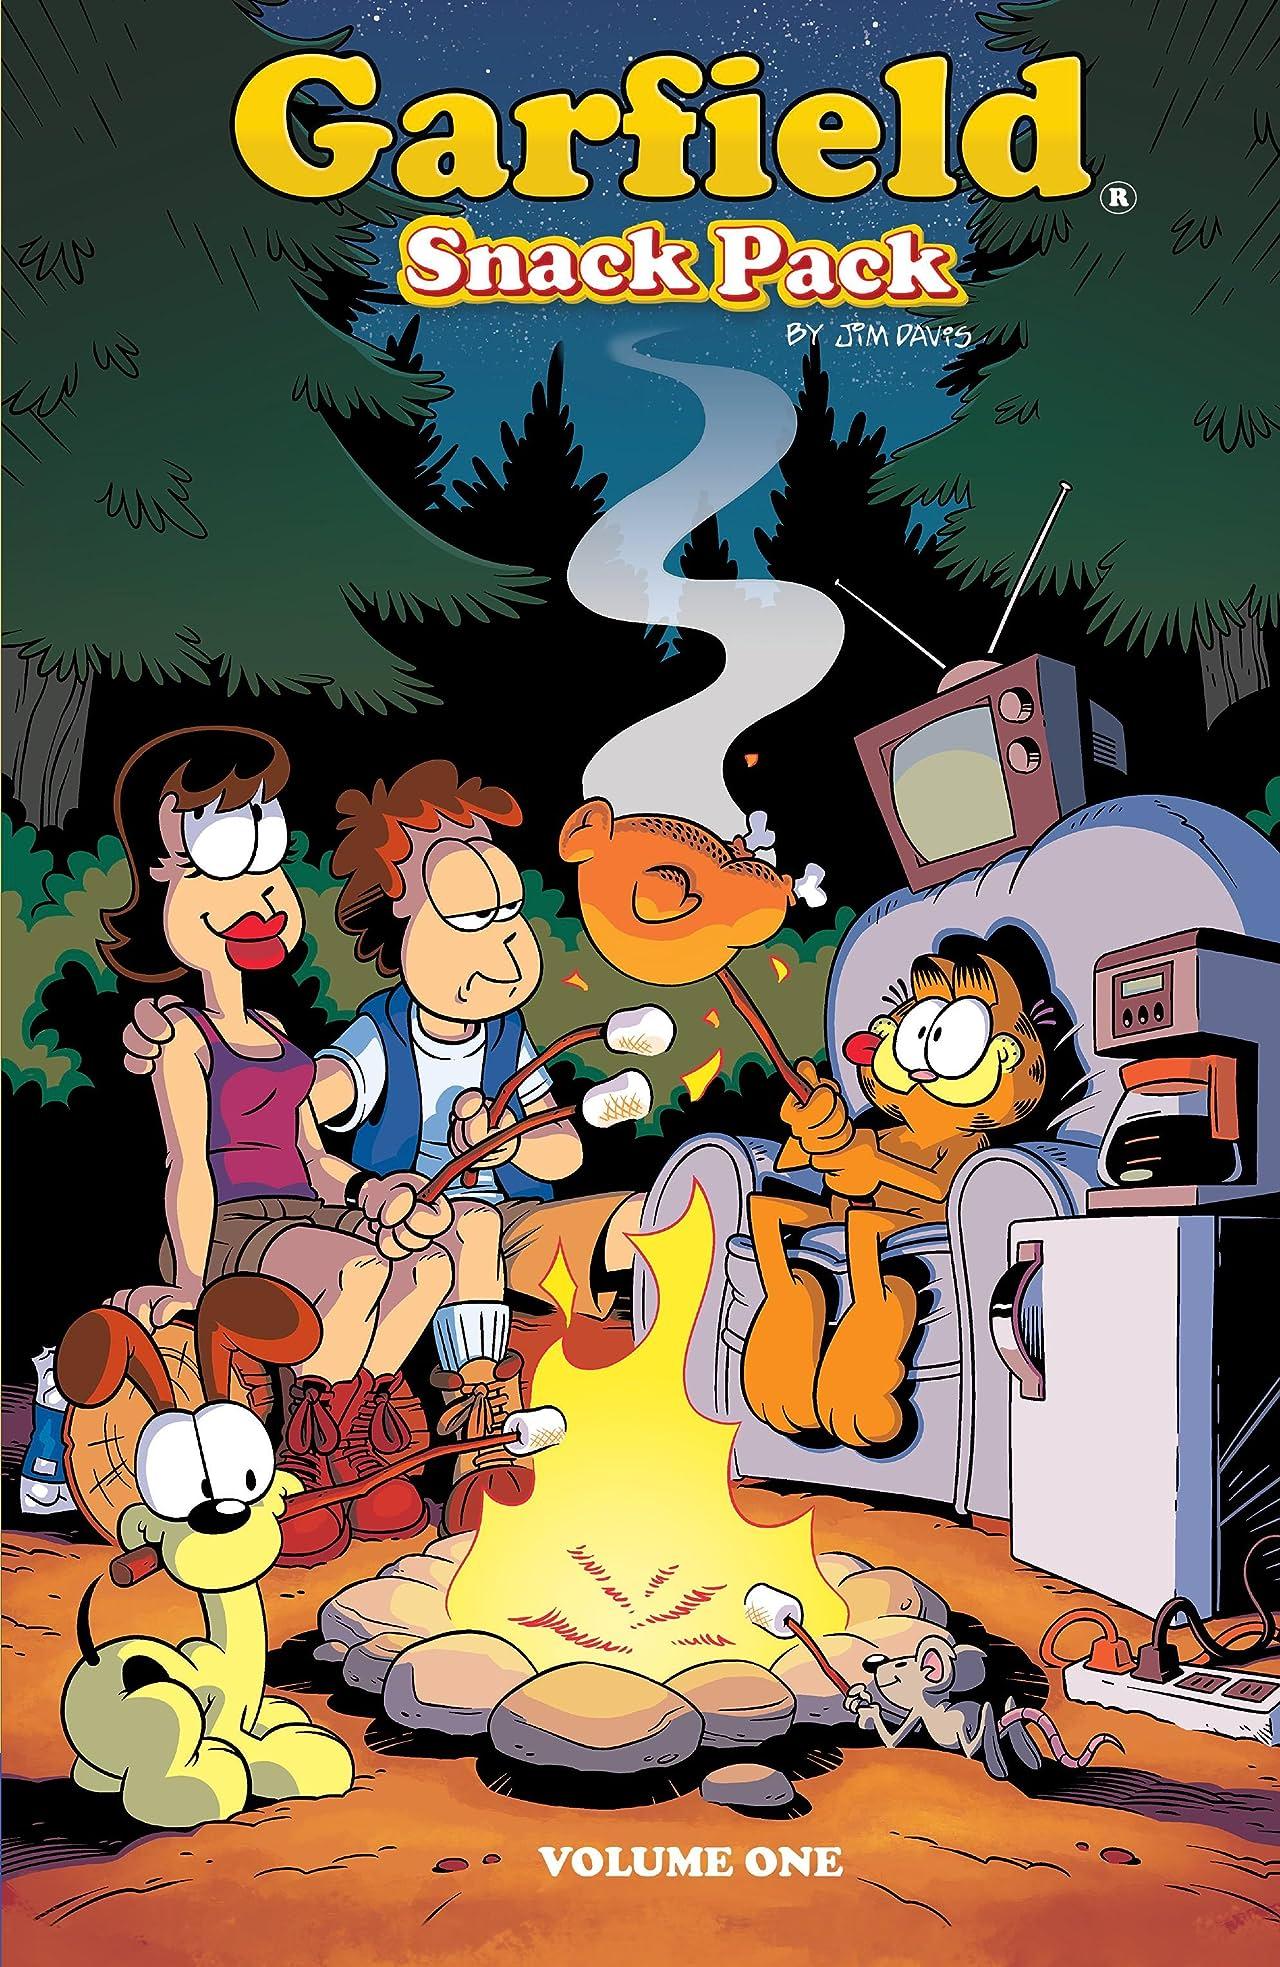 Garfield: Snack Pack Vol. 1